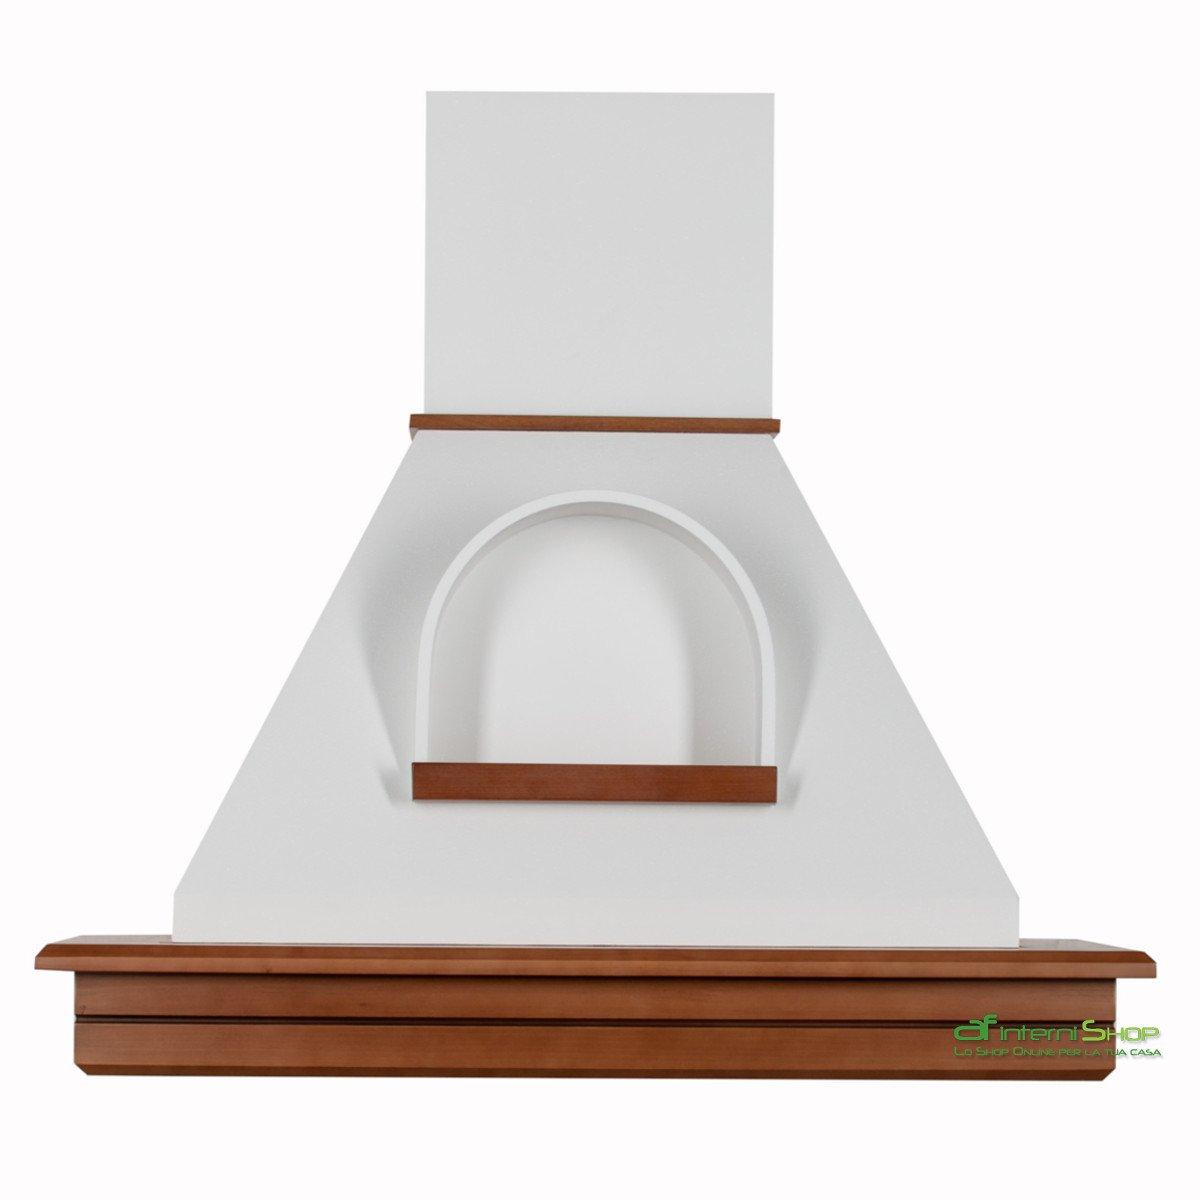 Cappa cucina rustica legno mod.Stock 90 parete -noce biondo cono ...